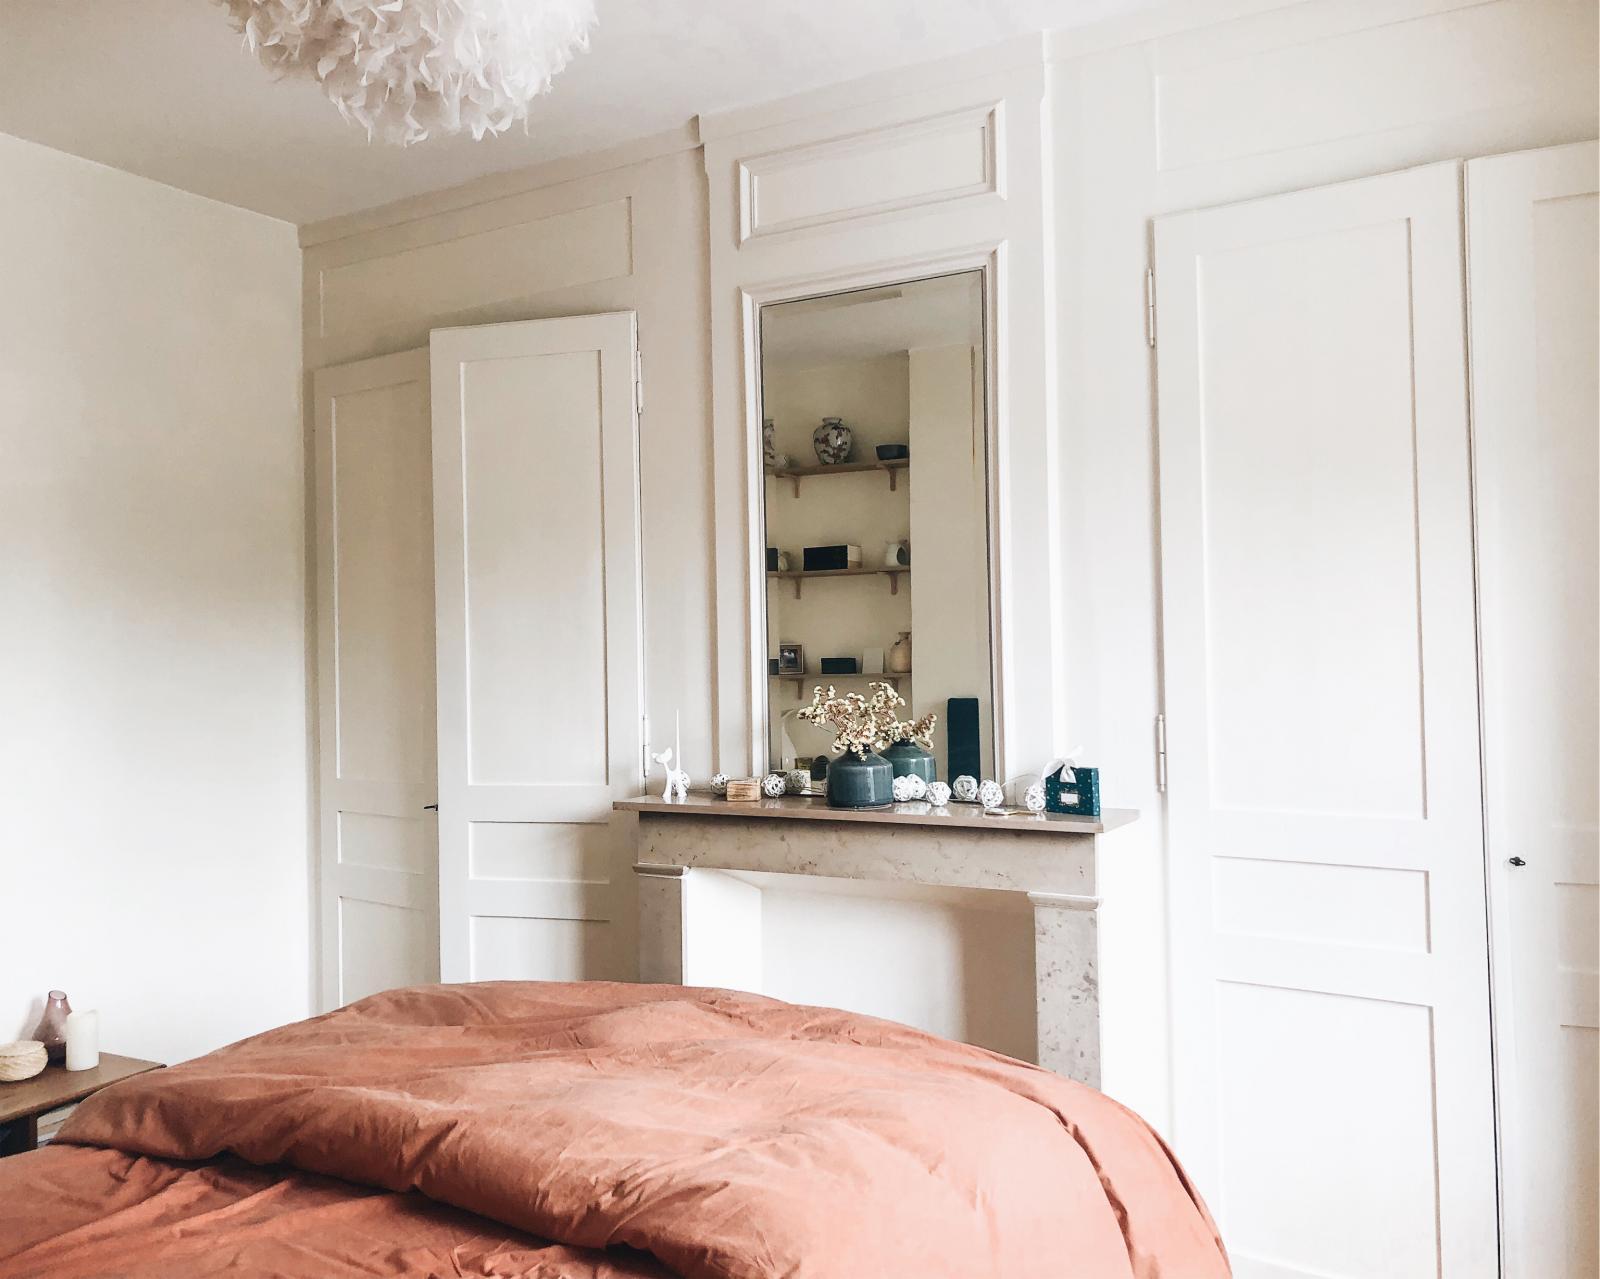 Architecte D Intérieur Lille décoration intérieur lille – décoratrice d'intérieur dans